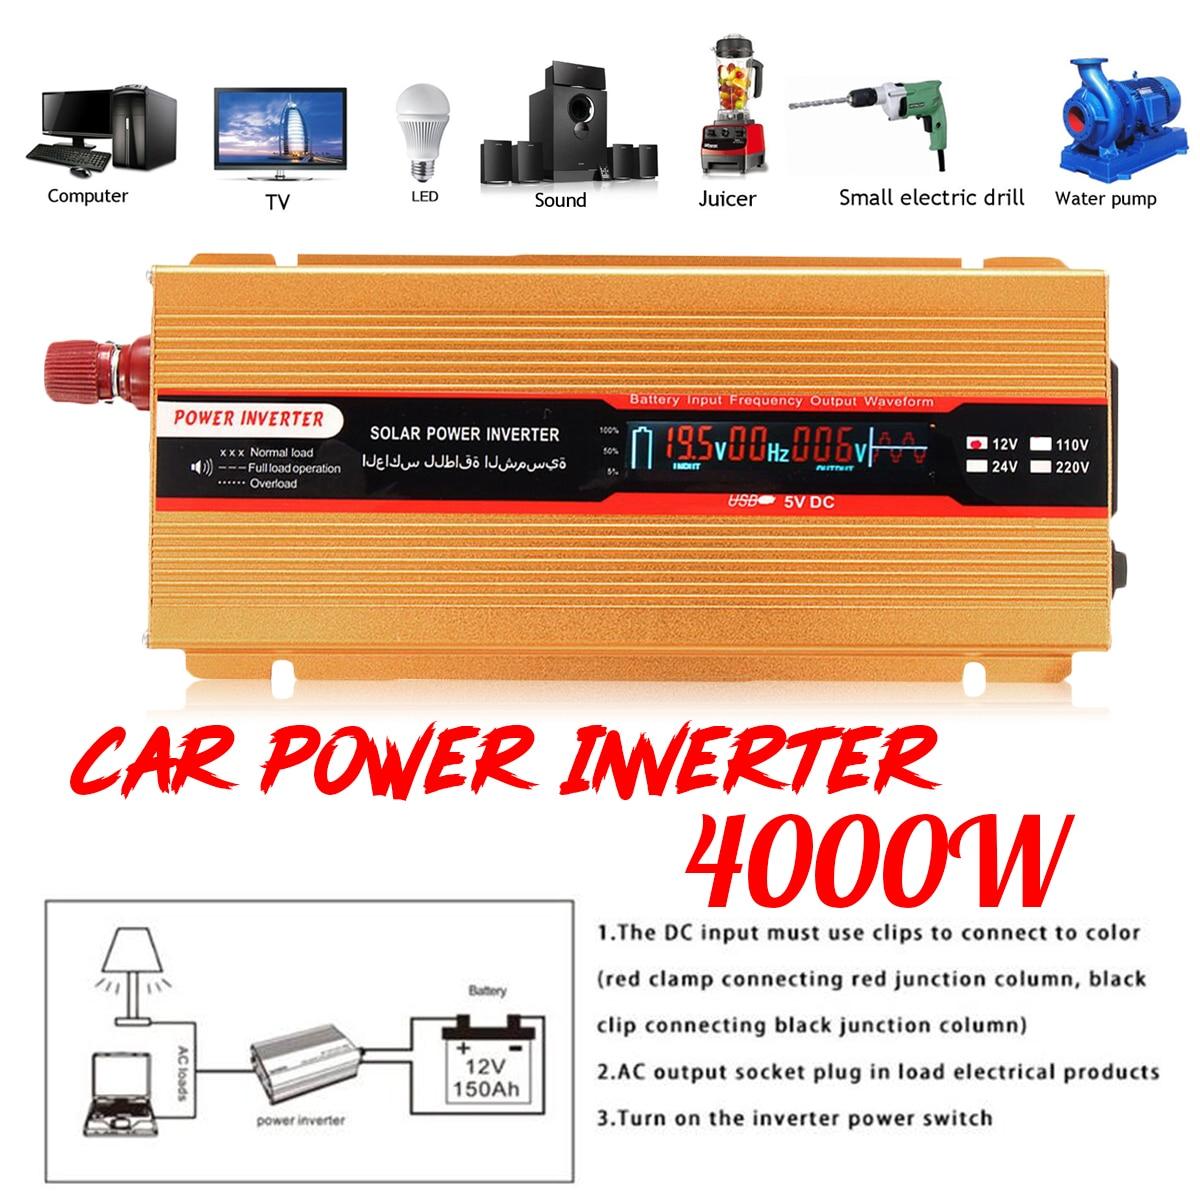 12/24V To AC 220/110V USB Modified Sine Wave Converter PEAK 4000W Car Power Inverter Voltage Transformer for Various Appliances peak 5000w 12 24v to ac 220 110v car power inverter usb modified sine wave converter voltage transformer for various appliances